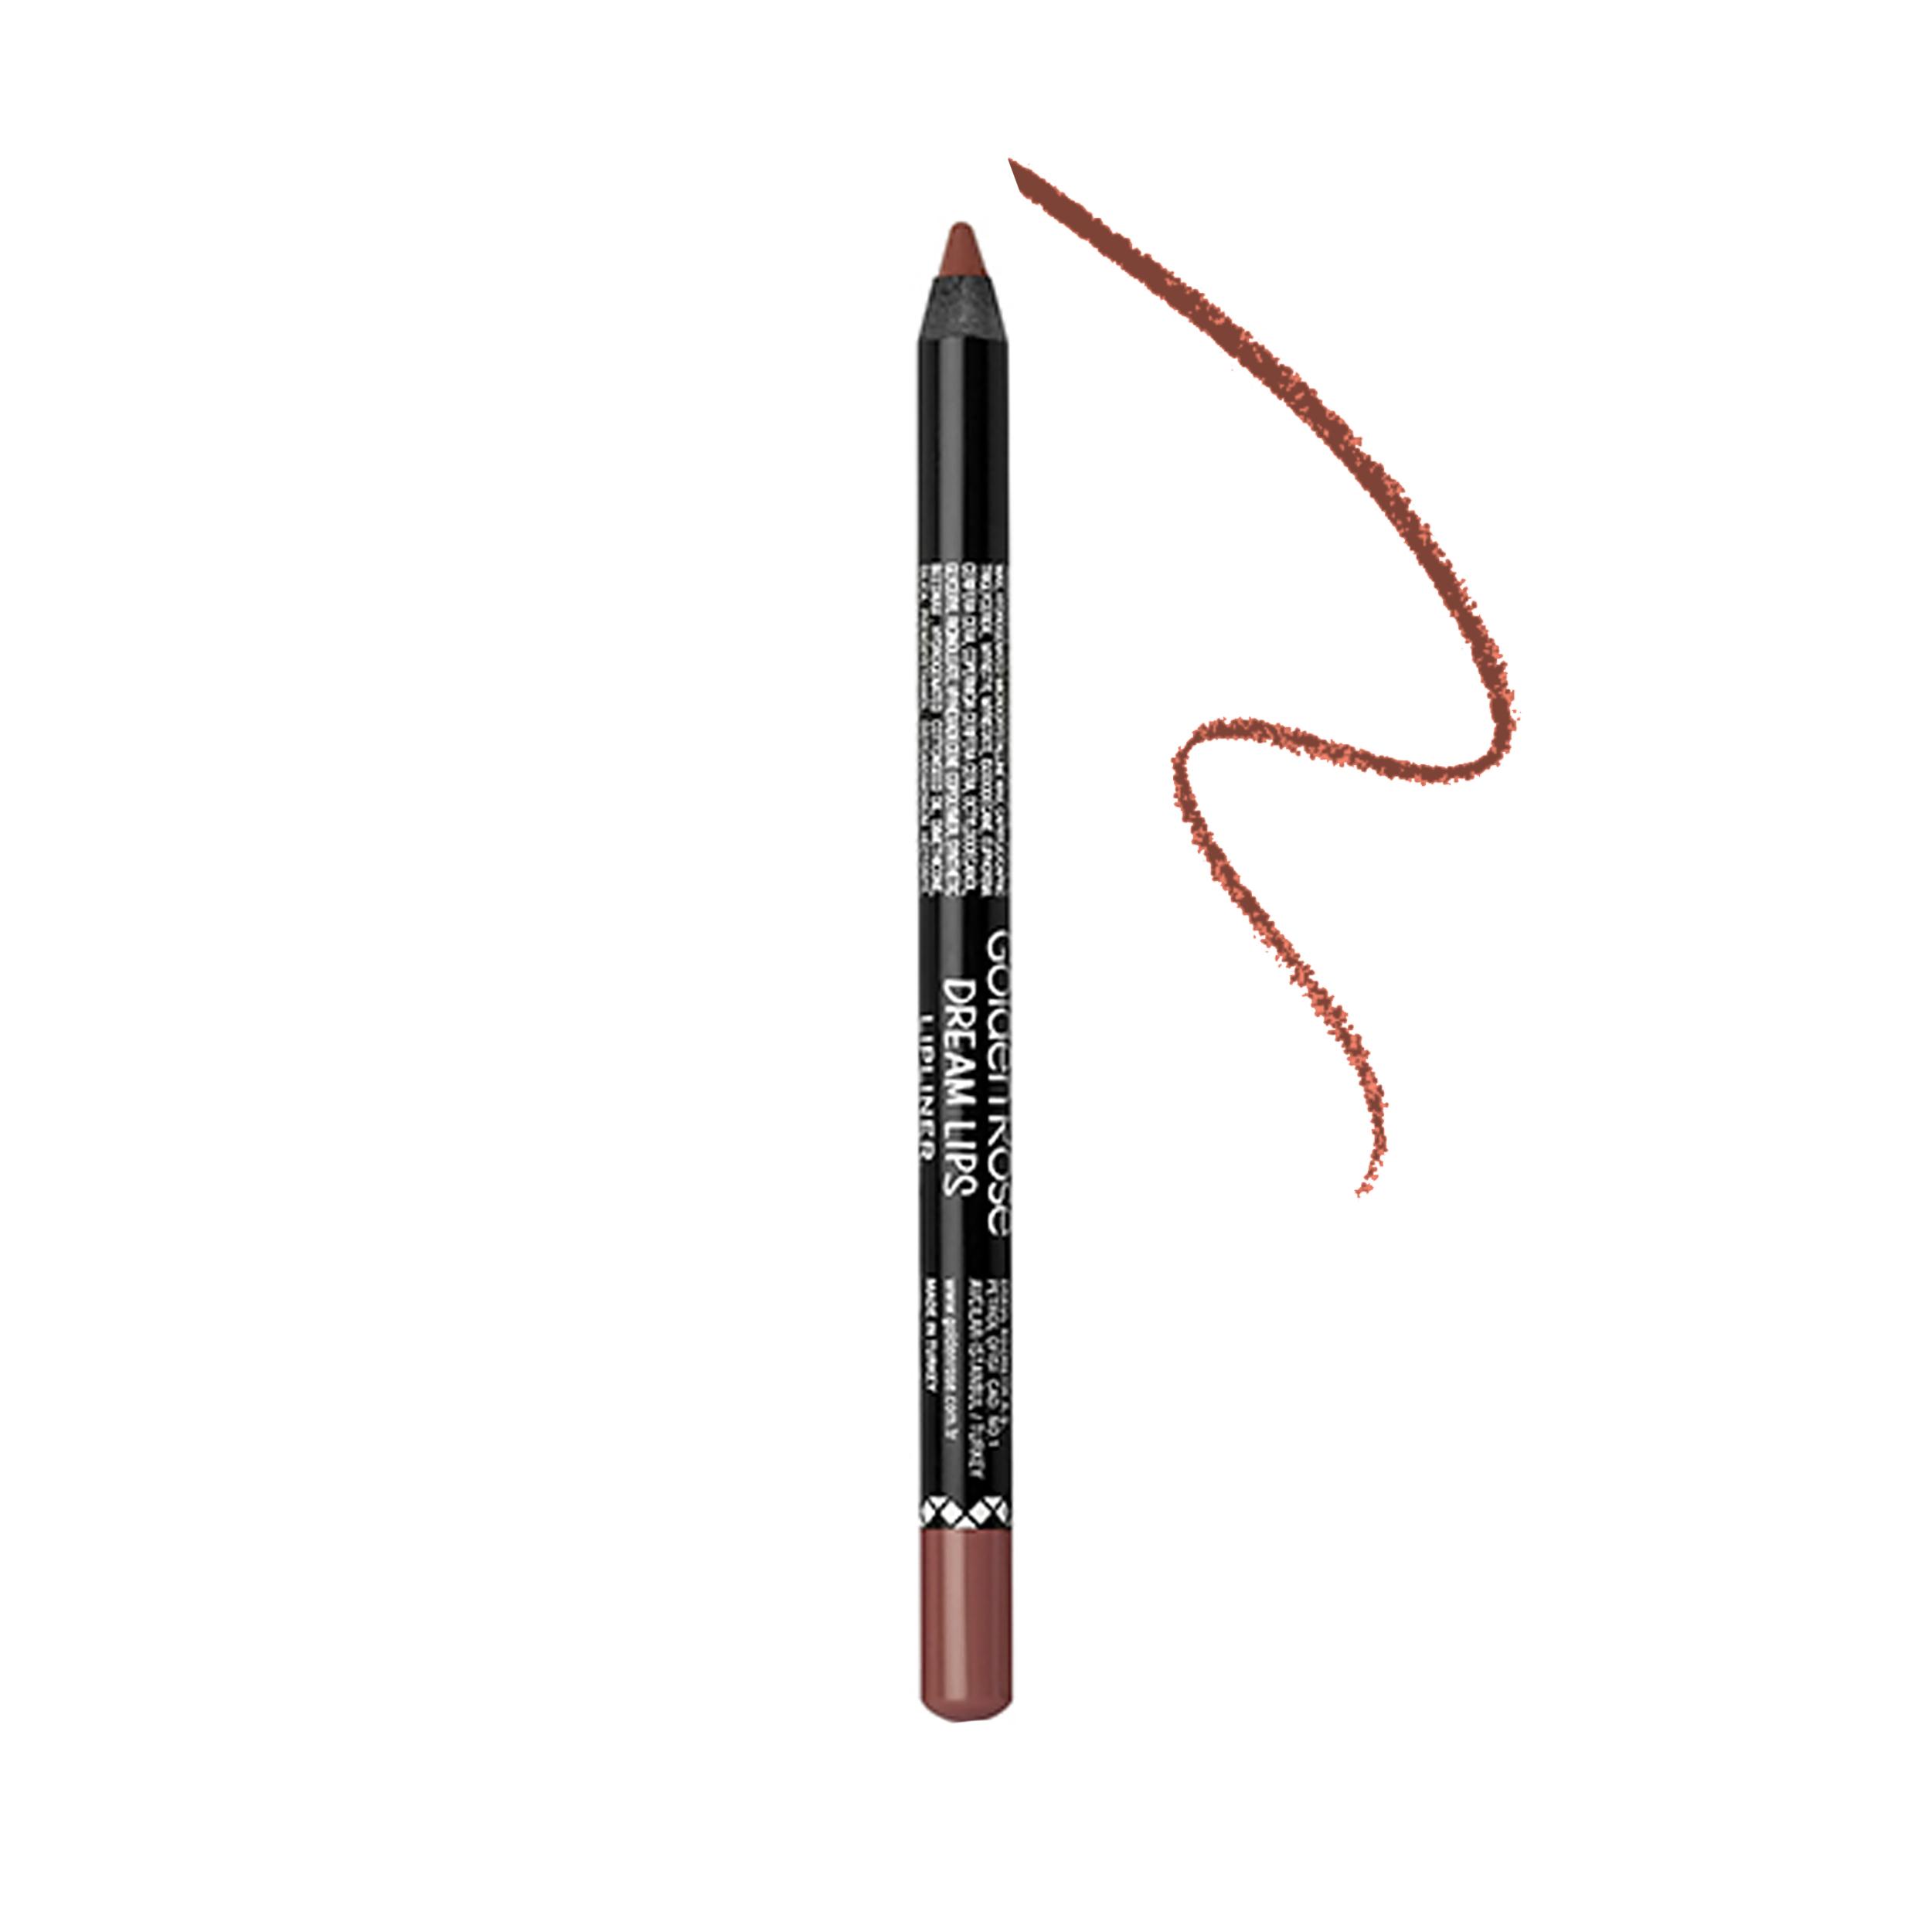 مداد لب گلدن رز مدل DREAM شماره 518